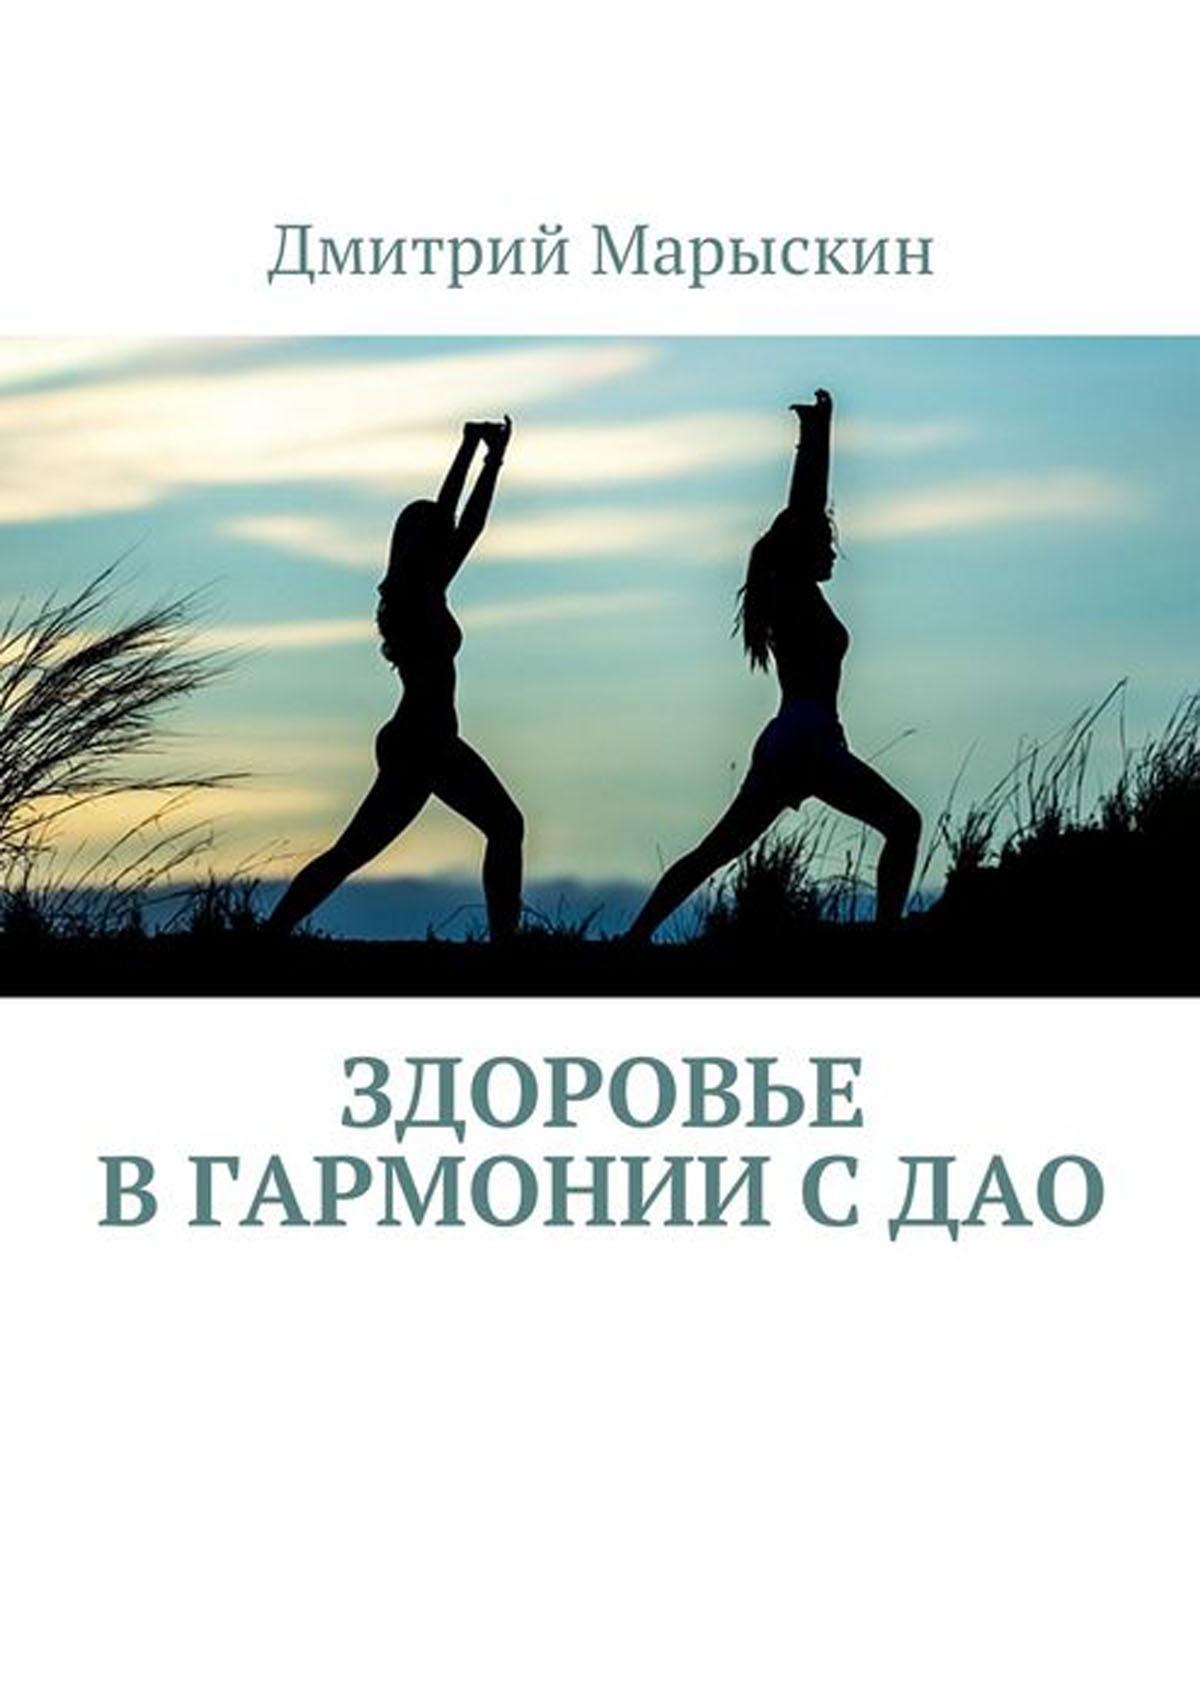 купить Марыскин Дмитрий Здоровье в гармонии с Дао по цене 613 рублей